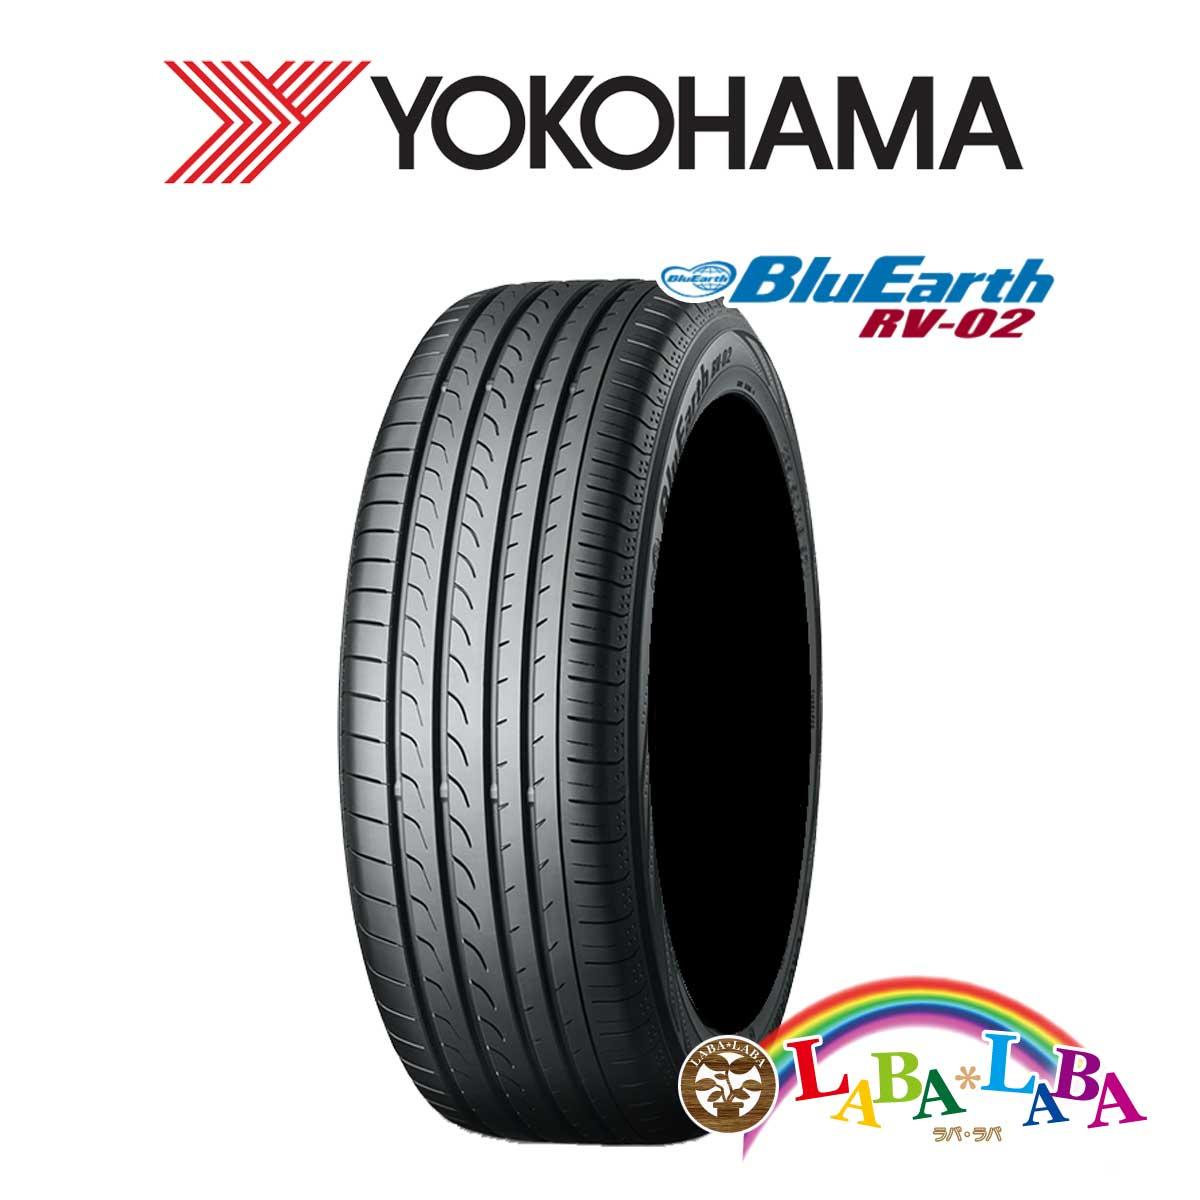 YOKOHAMA ヨコハマ BluEarth ブルーアース RV02 CK 155/65R14 75H サマータイヤ 4本セット